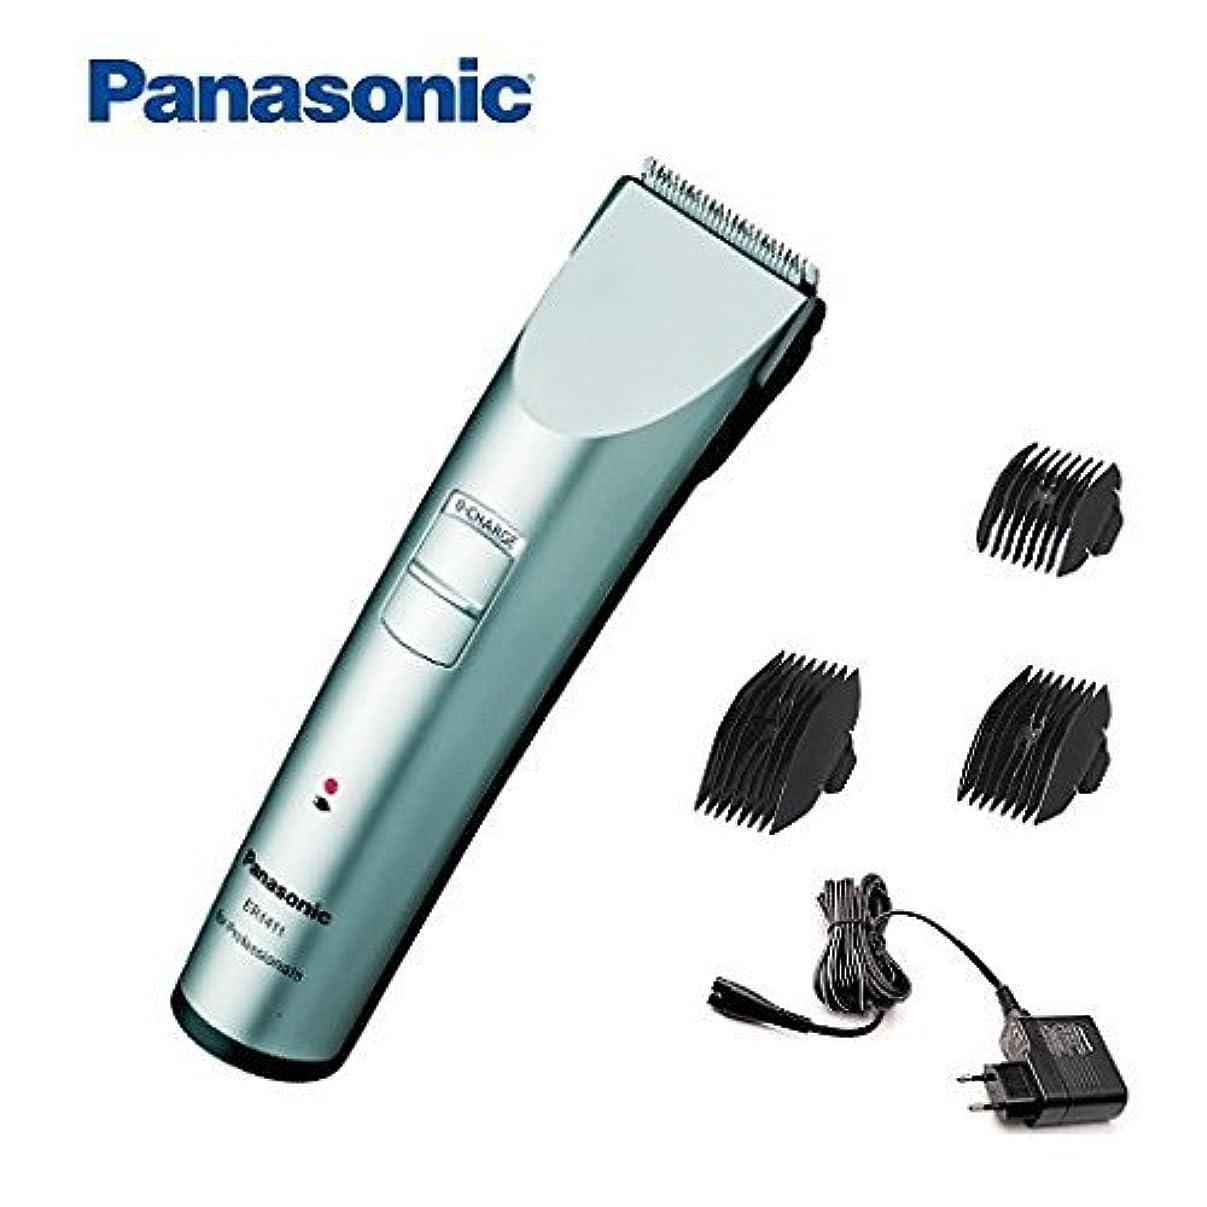 不均一四計り知れないNew Panasonic ER1411 ER-1411 ER1411s Cord/Cordless Professional Hair Clipper by Panasonic [並行輸入品]